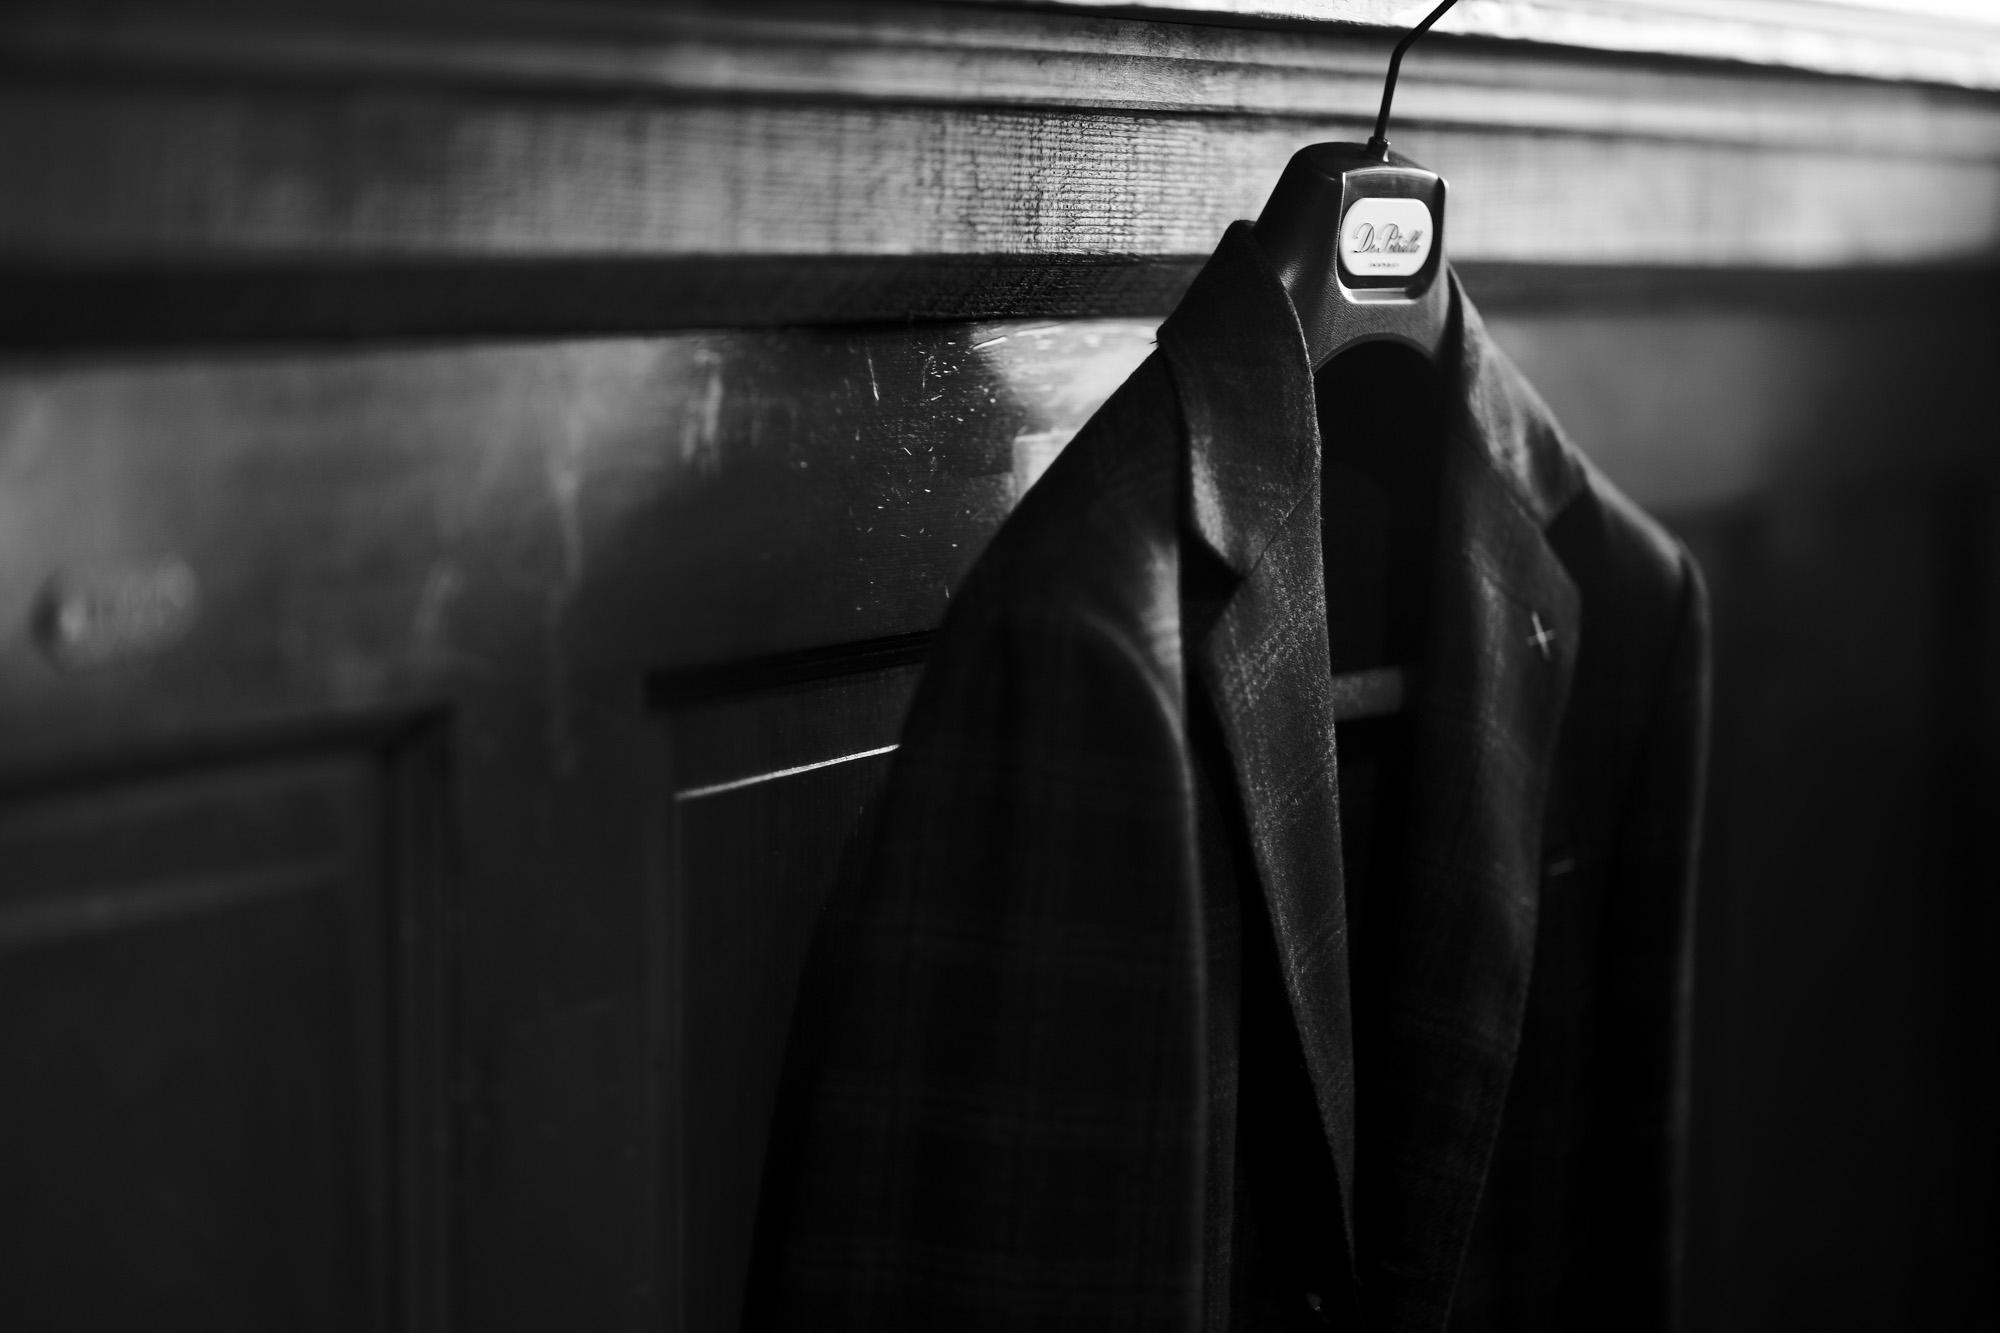 De Petrillo (デ ペトリロ) NUVOLA (ヌーボラ) カシミアウール グレンチェック ジャケット BLACK × RED (ブラック×レッド・79) Made in italy (イタリア製) 2021 秋冬 愛知 名古屋 Alto e Diritto altoediritto アルトエデリット カシミヤジャケット チェックジャケット